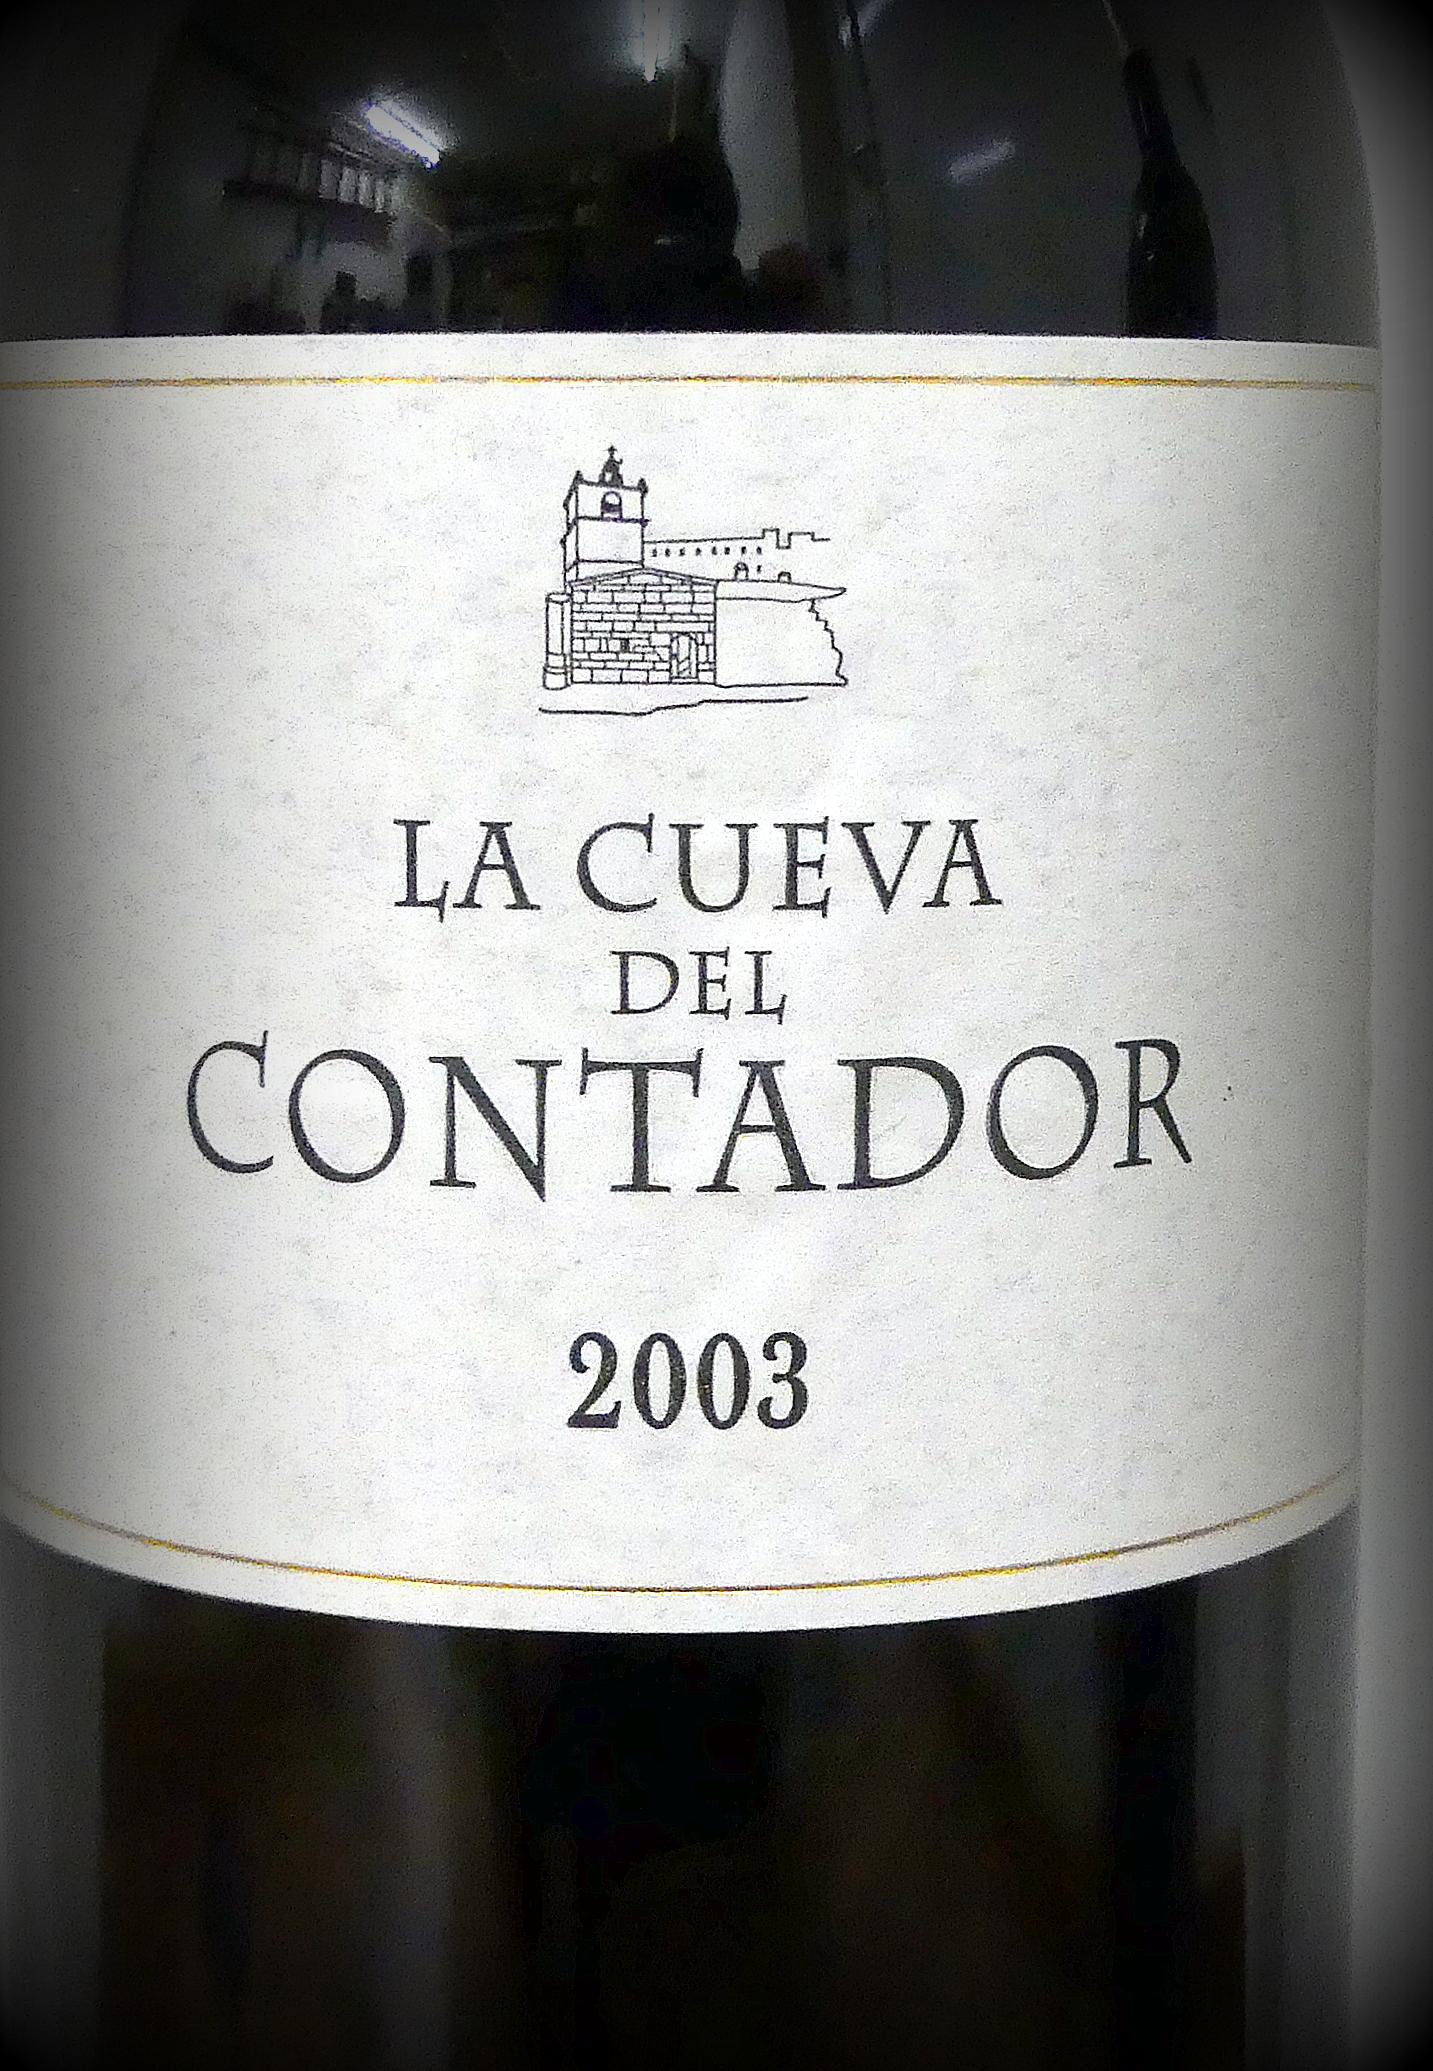 La Cueva del Contador